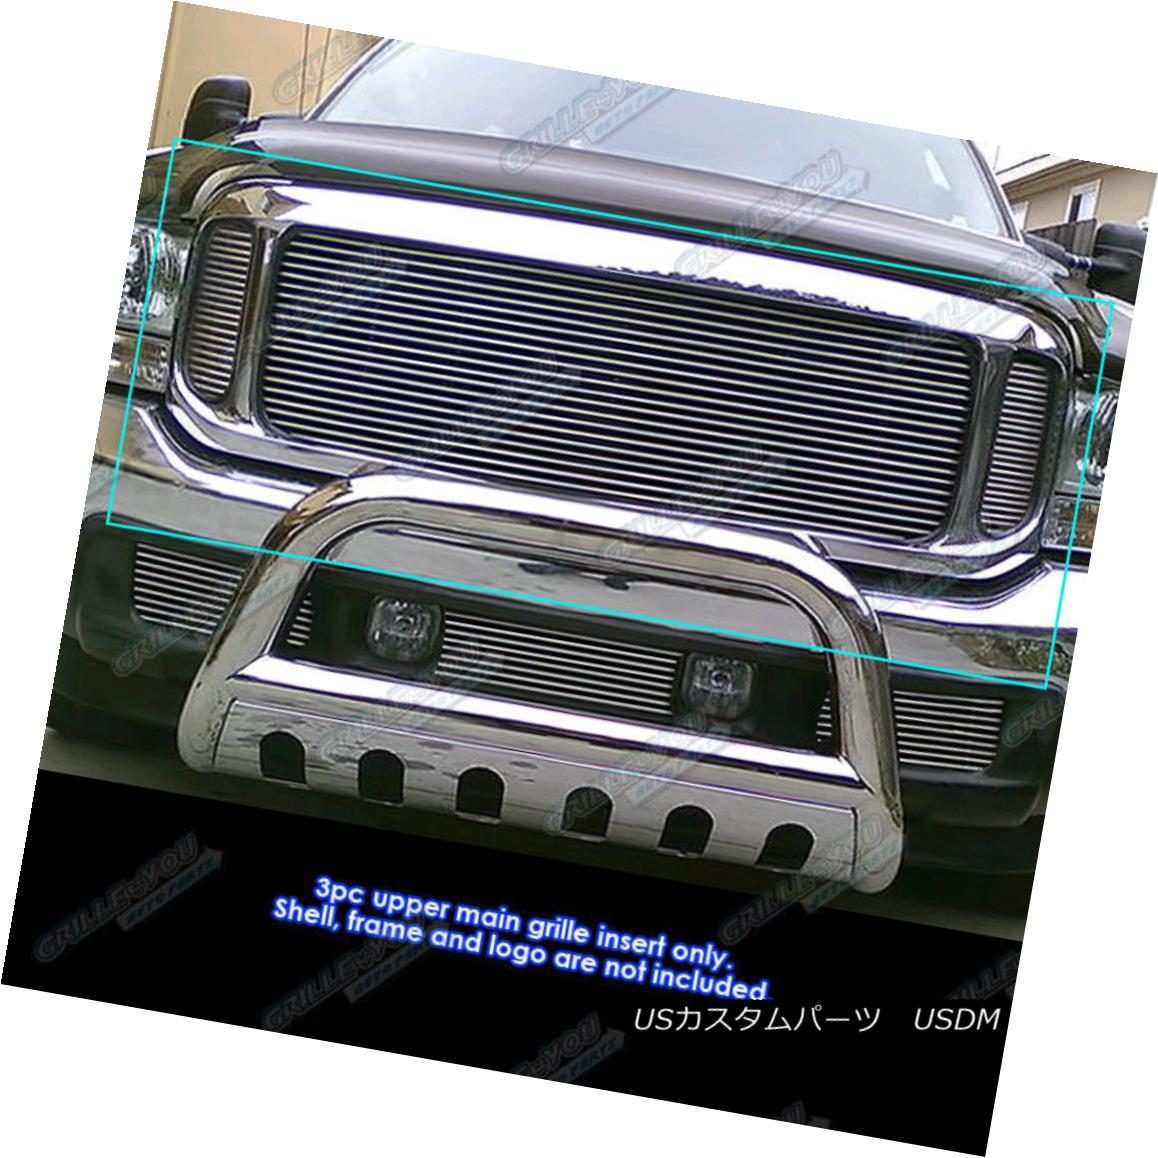 グリル 99-04 Ford F250/F350/F450/F550 Super Duty/00-04 Excursion Billet Grille Grill 99-04 Ford F250 / F350 / F450 / F550スーパーDuty / 00-04エクスカーションBillet Grille Grill